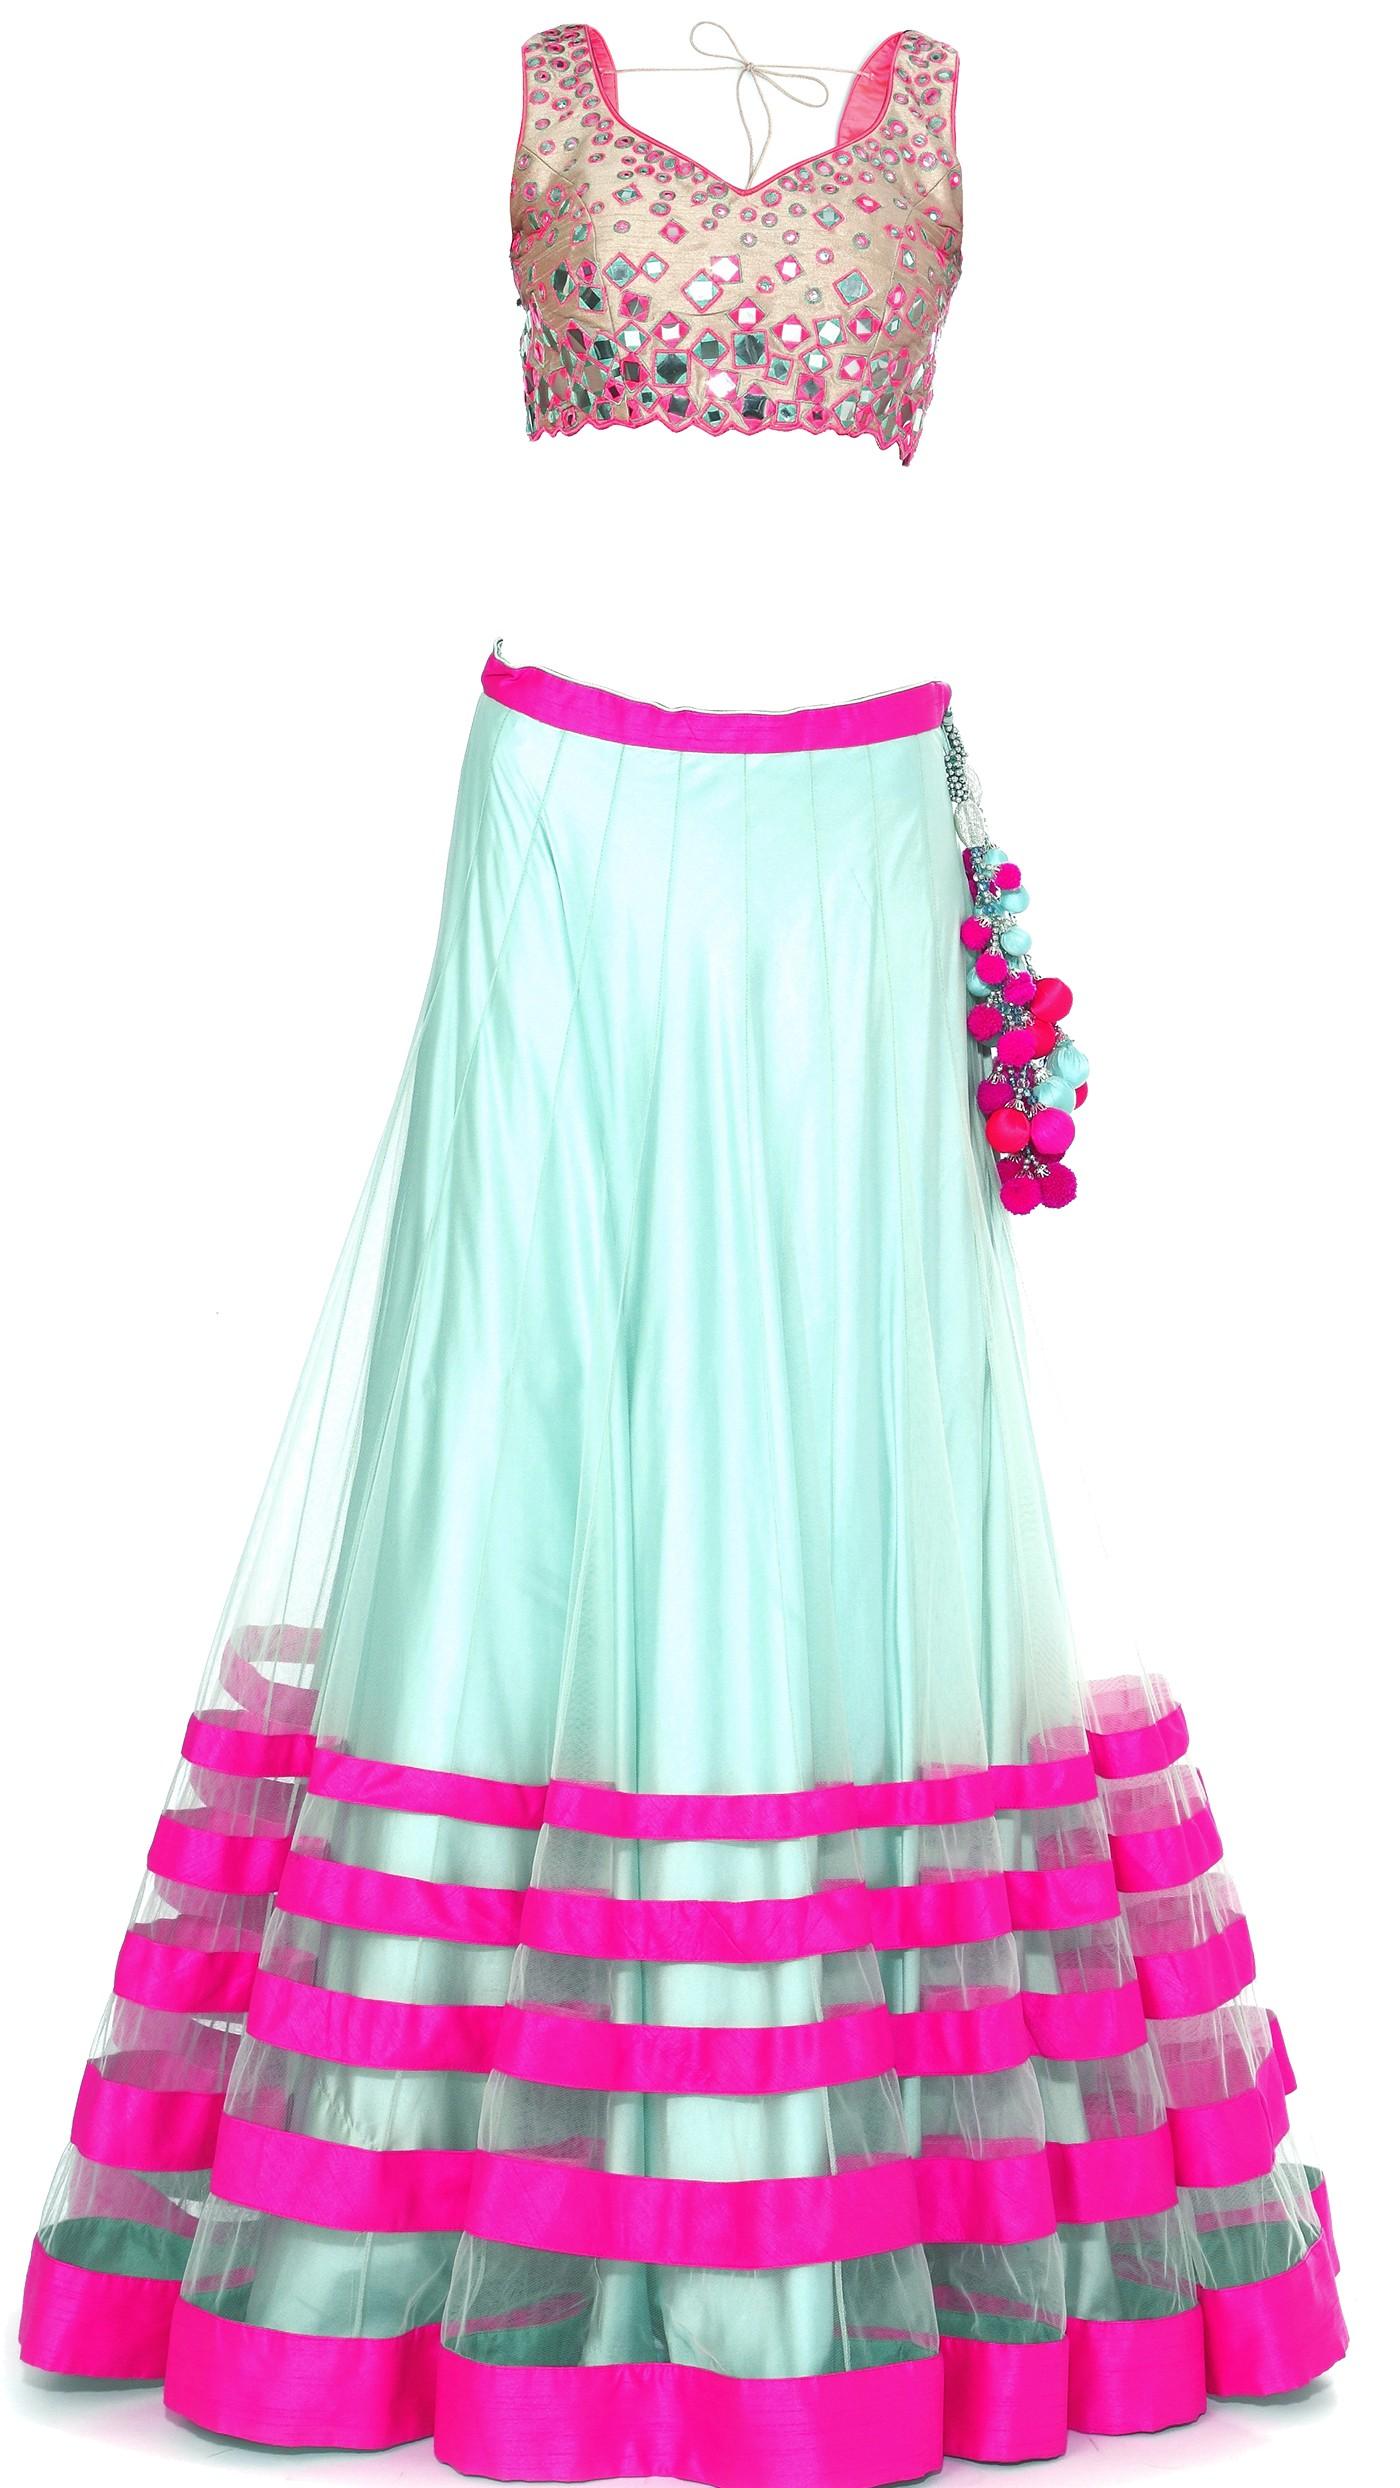 Archana Kochhar S Hot Pink Amp Light Blue Sheer Lengha Set